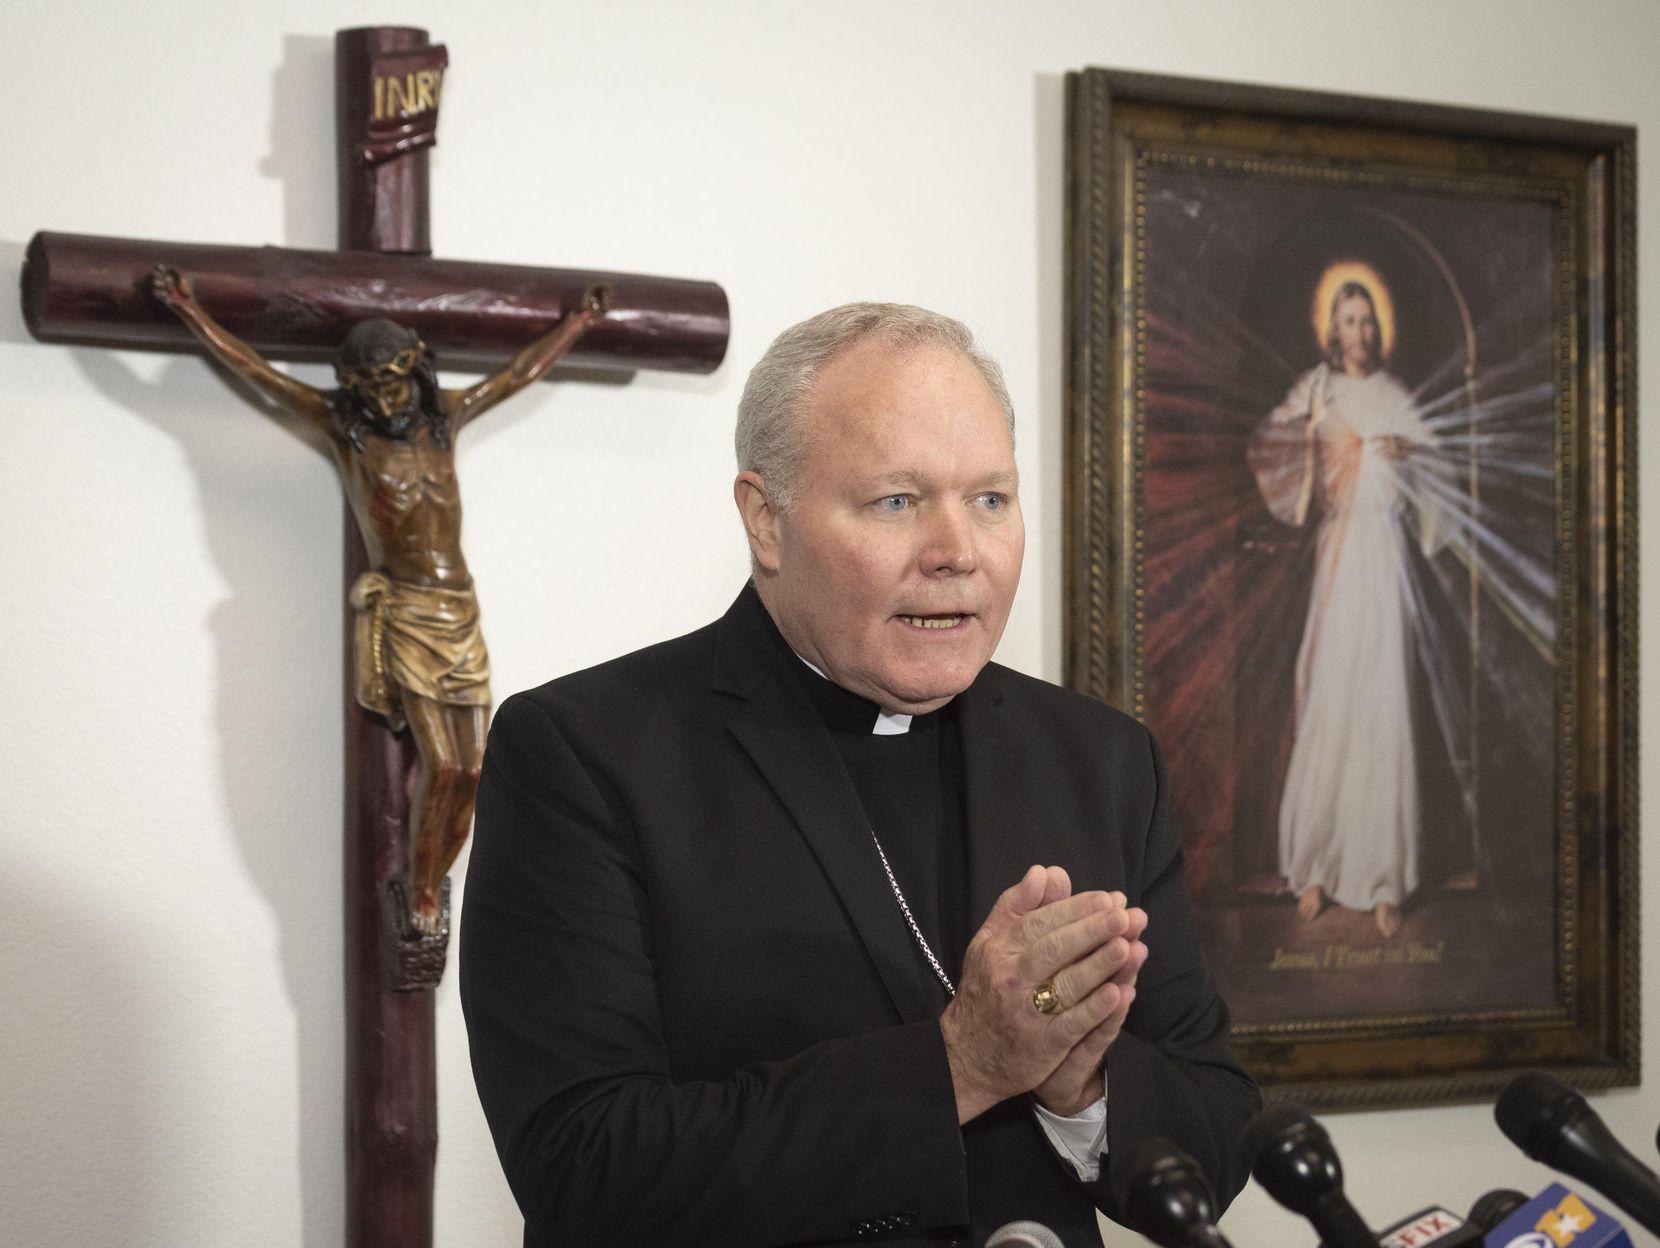 El obispo Edward J. Burns entregará su lista con curas sospechosos de abusos sexuales. DMN